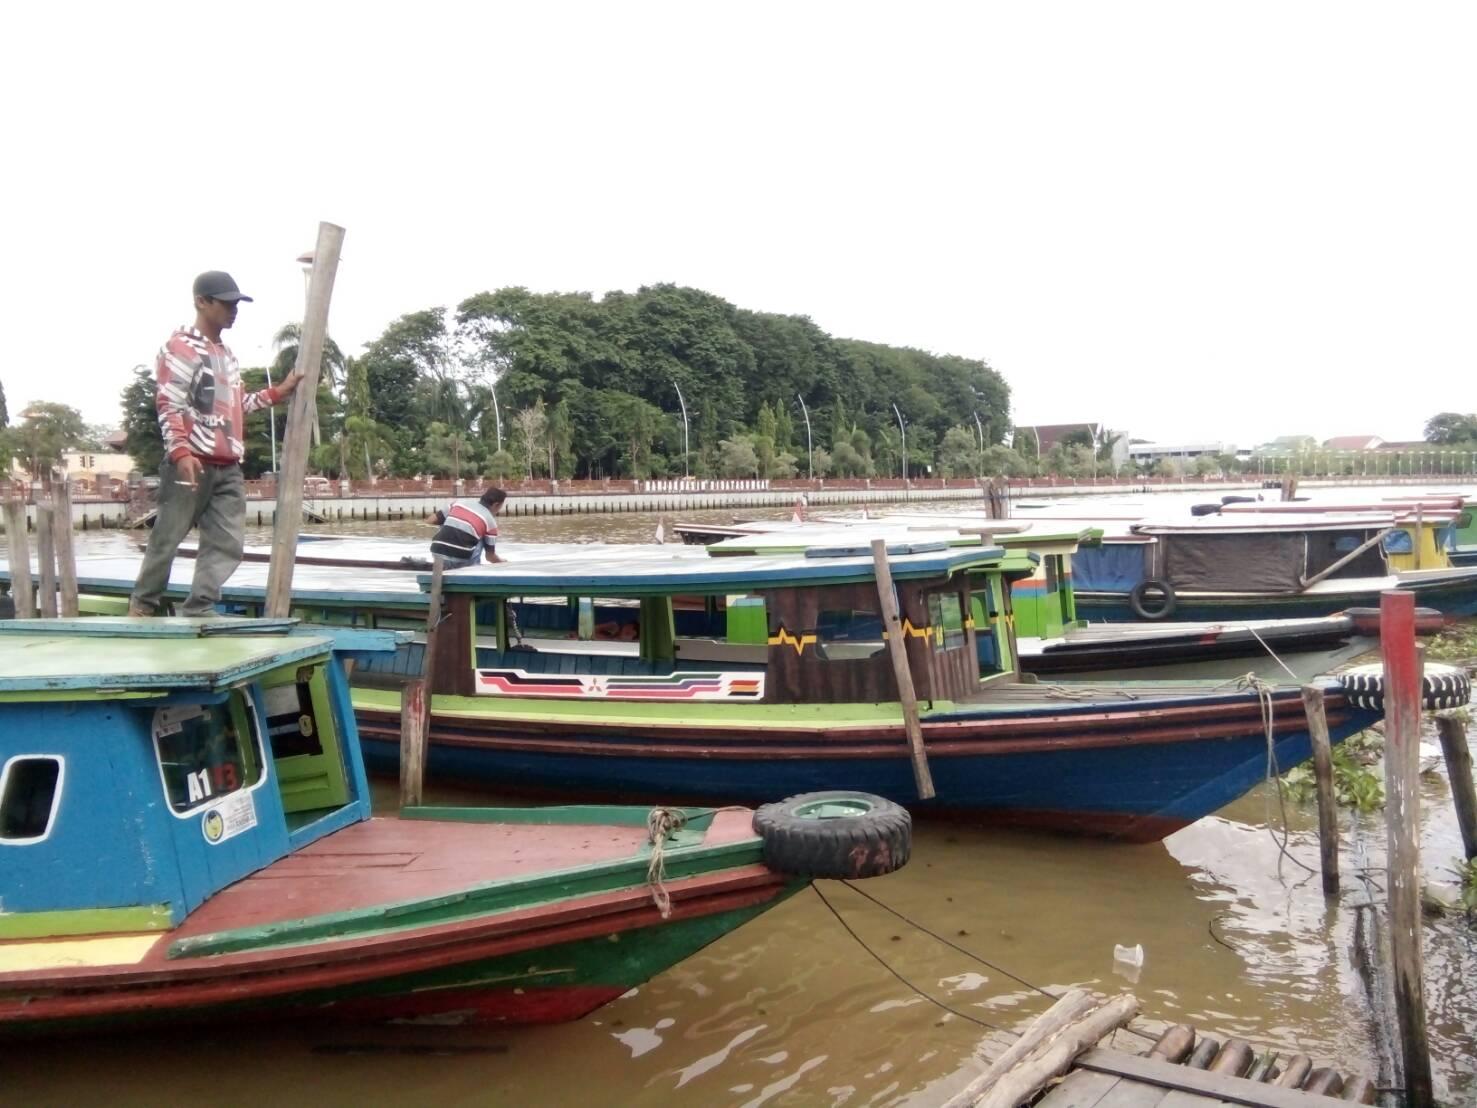 Menambah Pundi Rupiah Tuah Kelotok Sungai Martapura Banjarmasin Menara Pandang